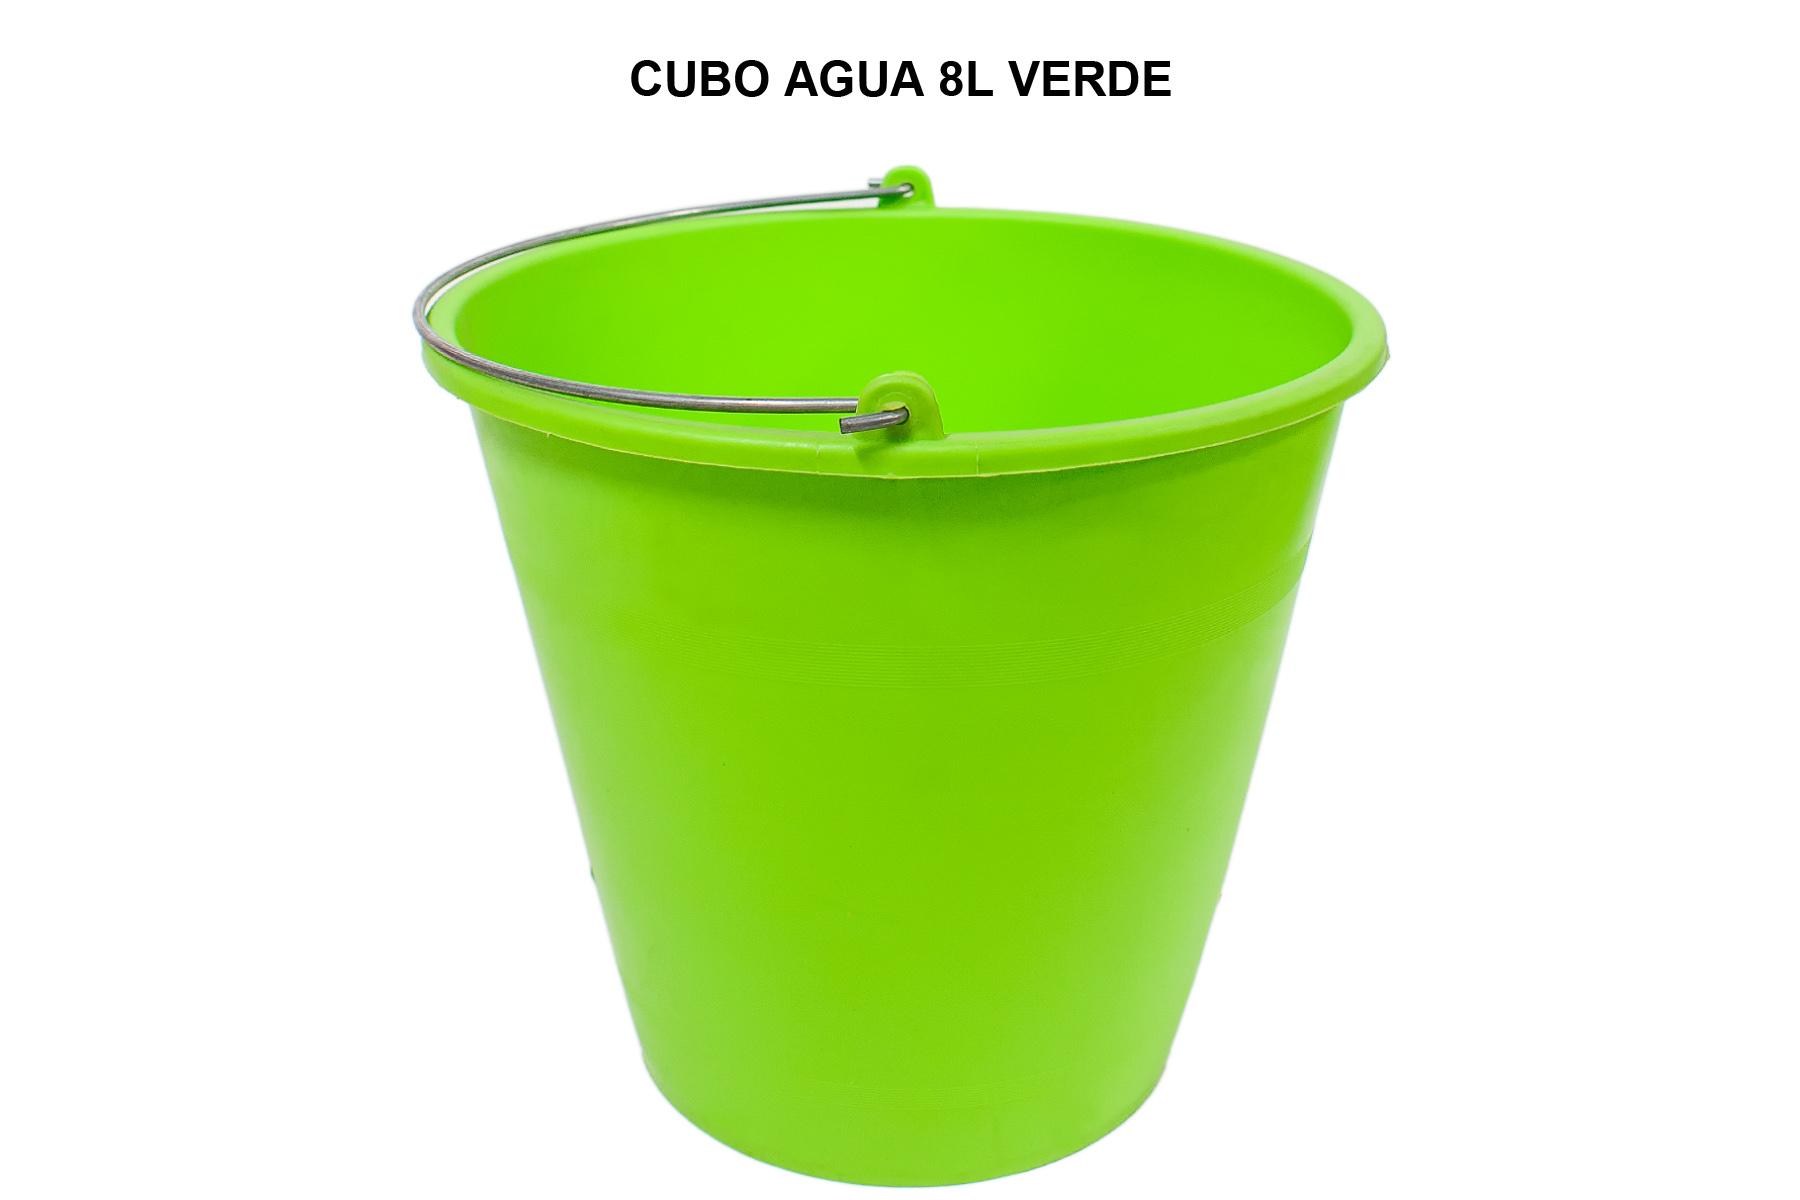 CUBO 8L VERDE